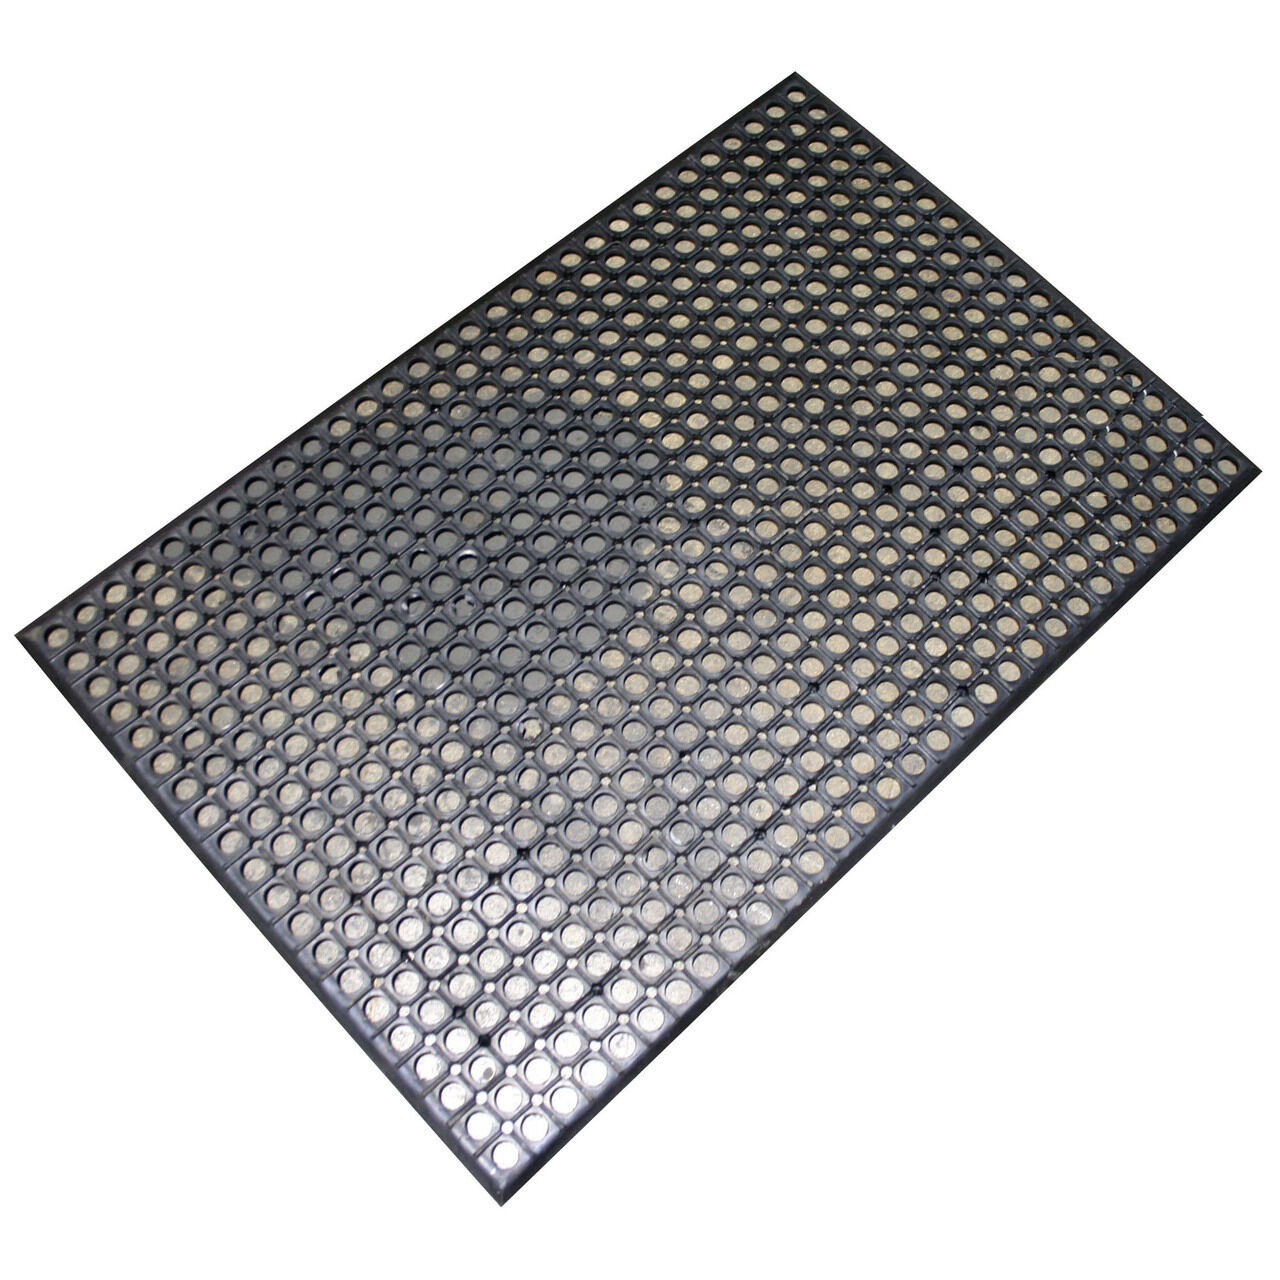 Industrial Floor Mats: Buffalo Tools RMAT23 2 X 3 Foot Industrial Rubber Floor